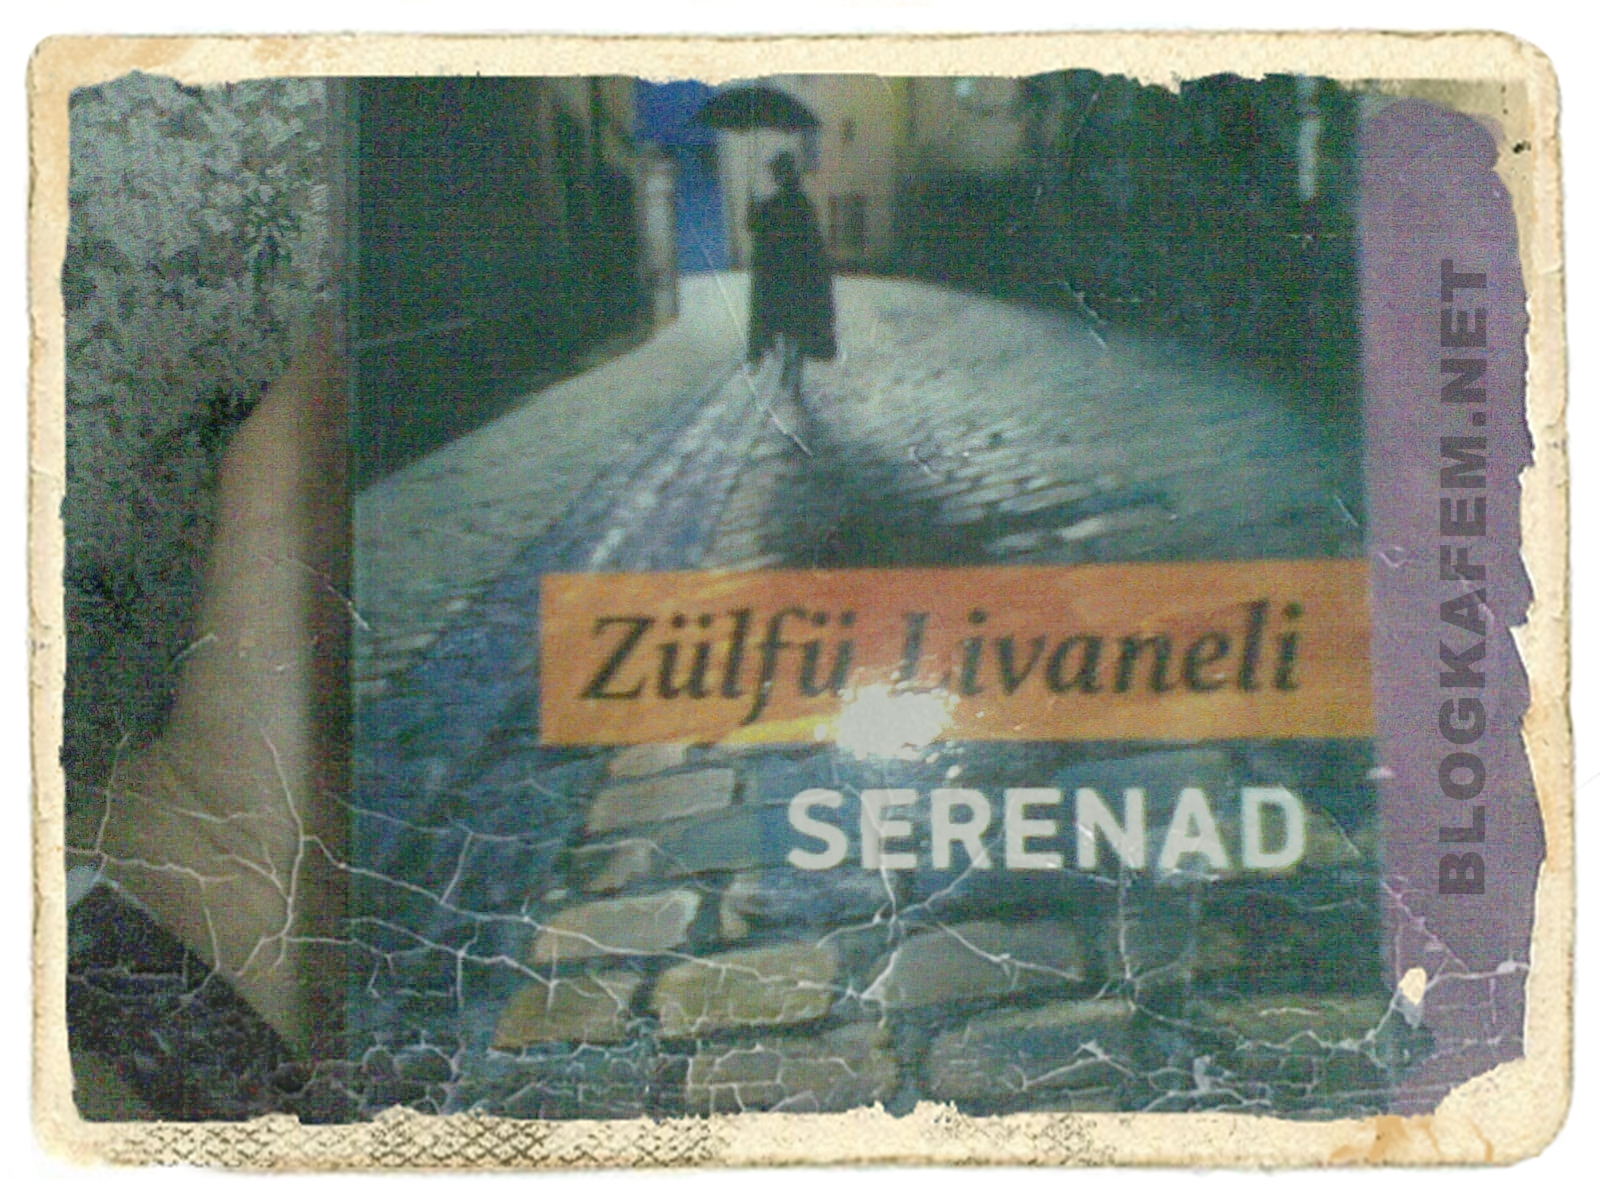 Okuduklarım : Zülfü Livaneli - Serenad « BLOGKAFEM.NET - Her